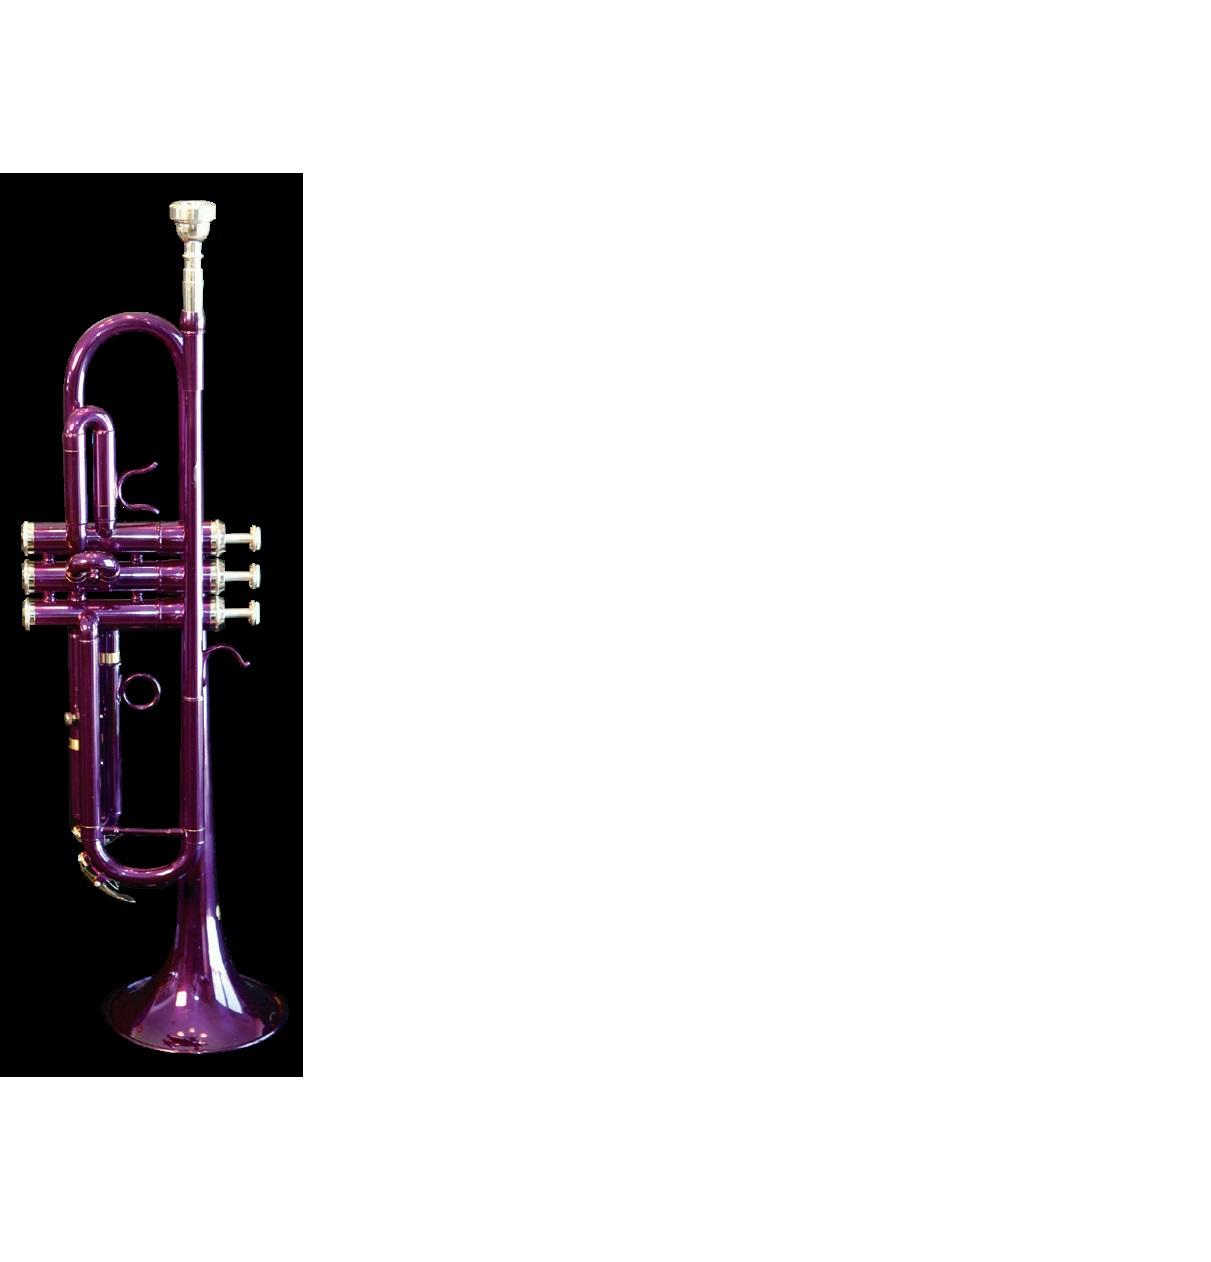 color trumpet 2